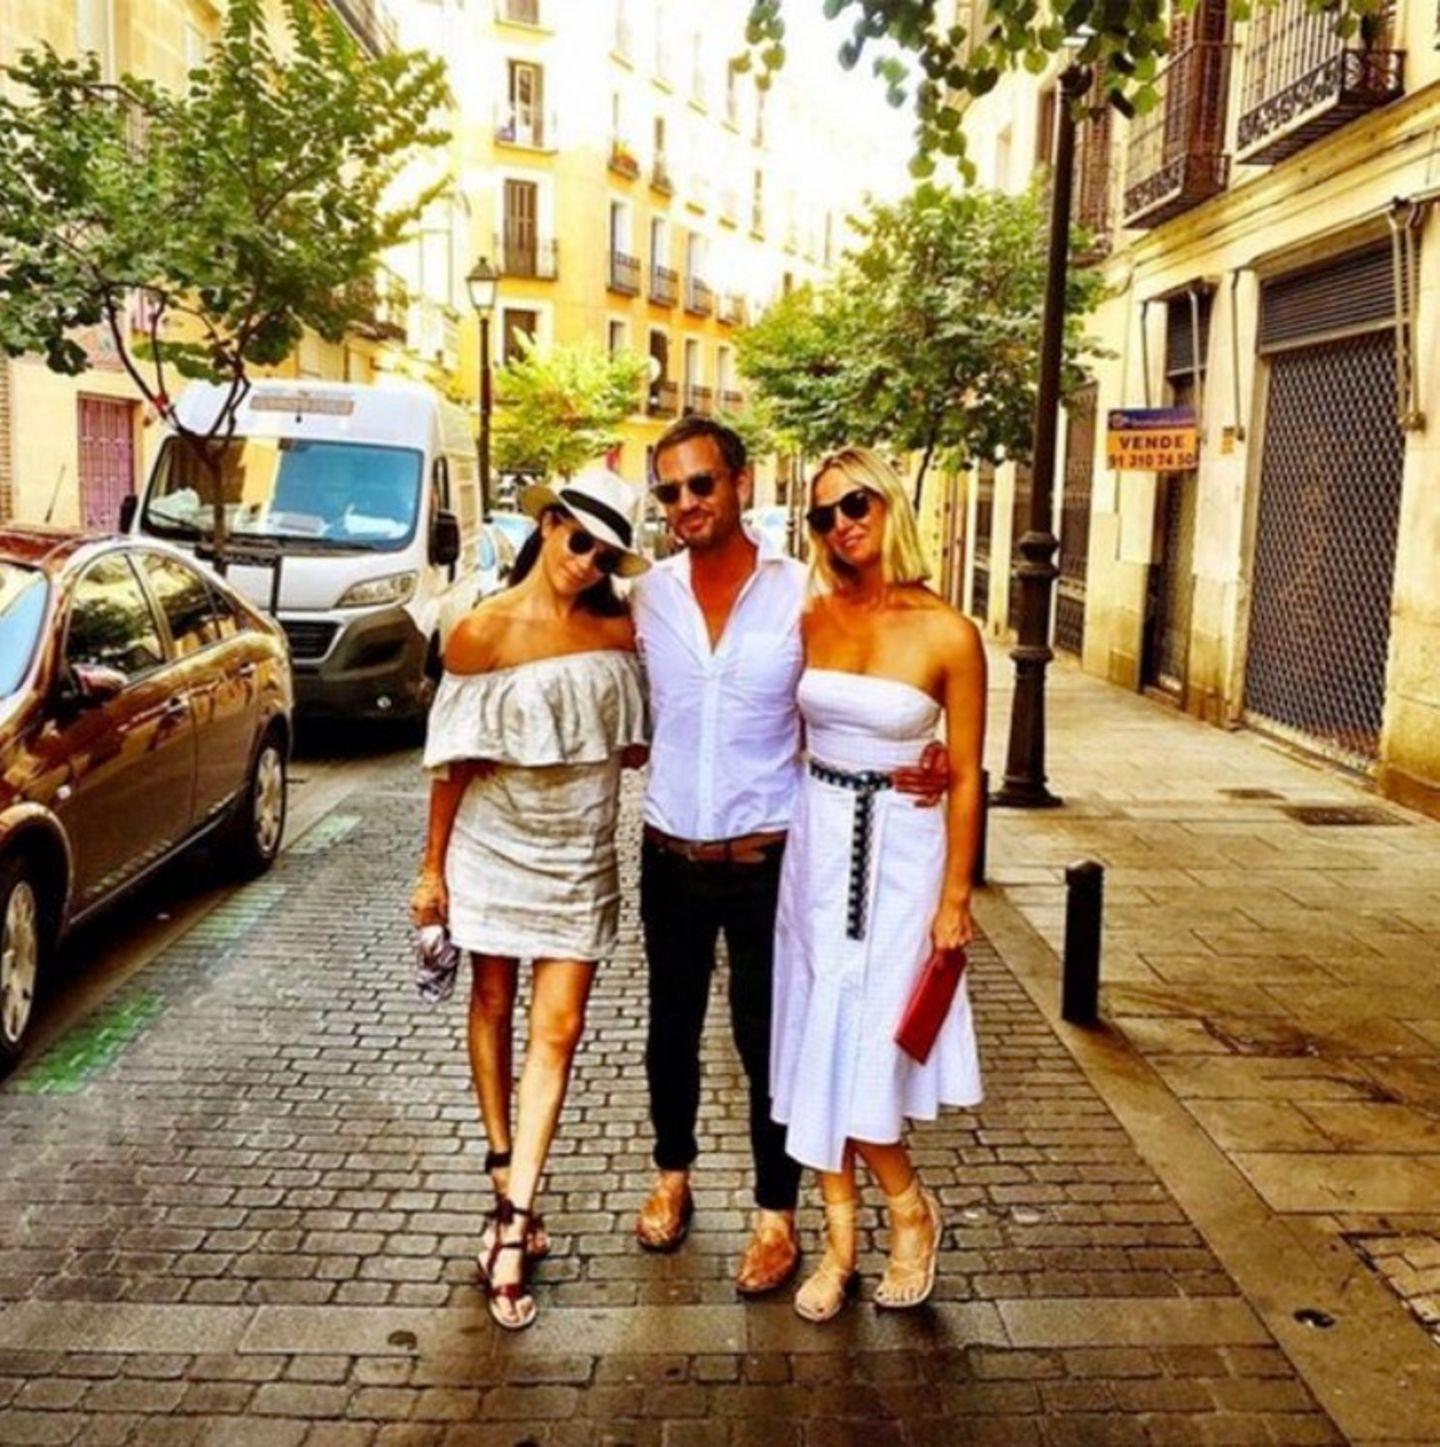 Auf den Straßen Madrids schlendert Meghan mit zwei Freunden in einem schulterfreien Mini-Kleid undihrem Lieblingsaccessoire für den Sommer: dem Strohhut.